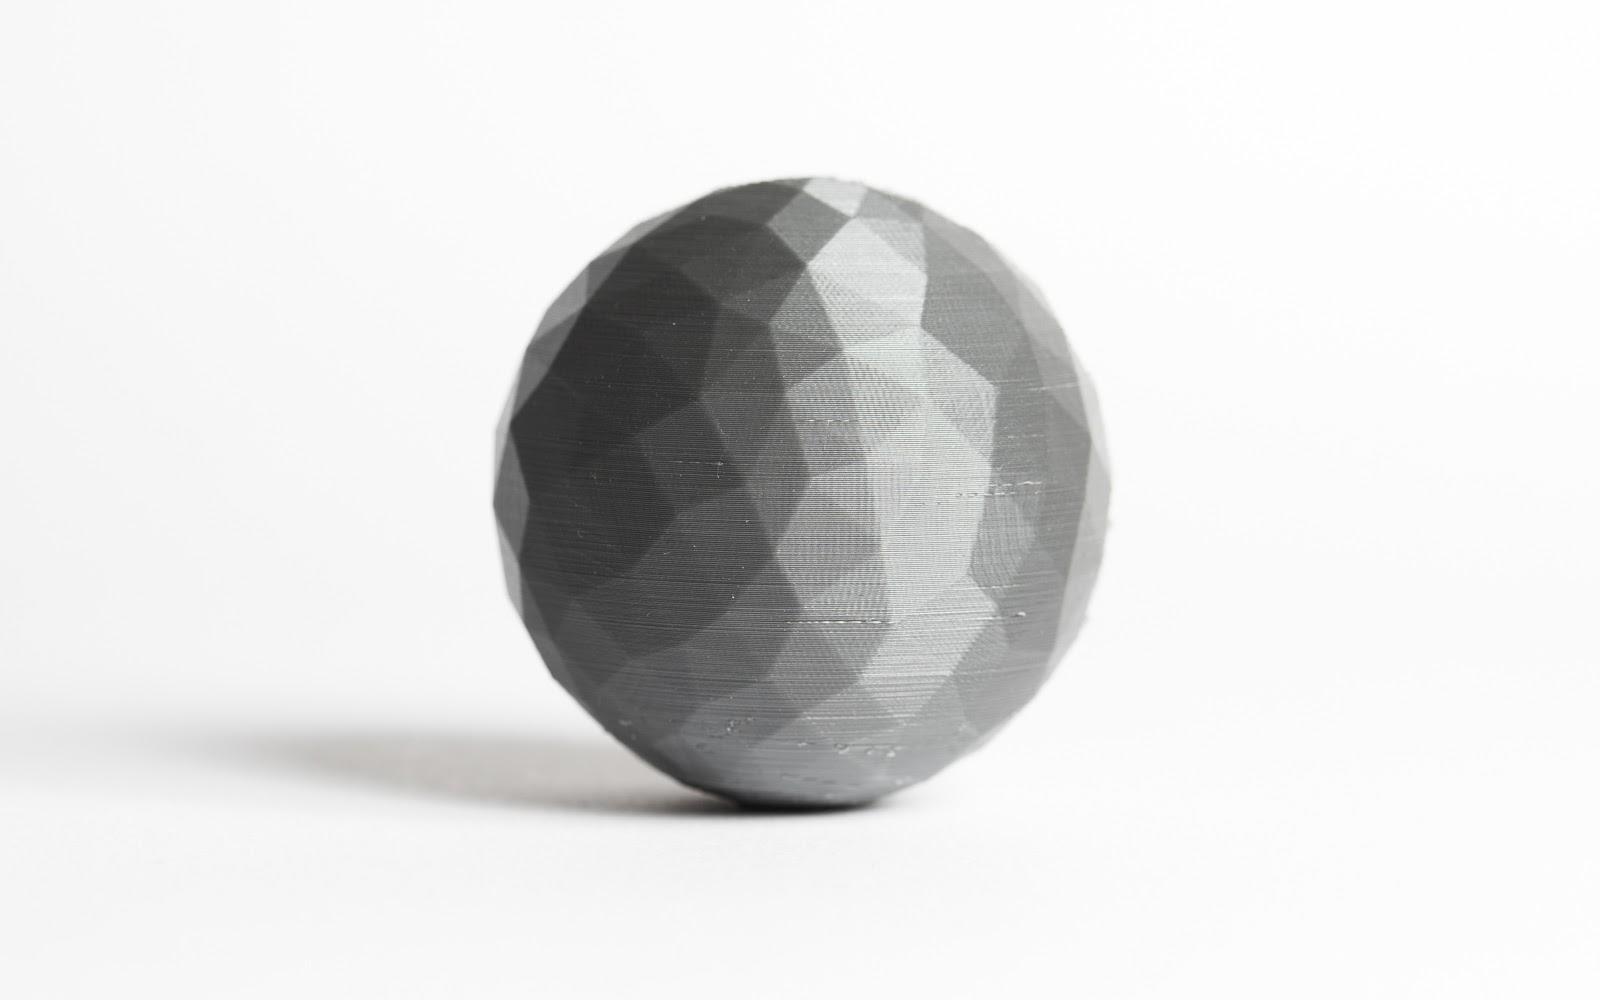 Геометрия 3D-печати